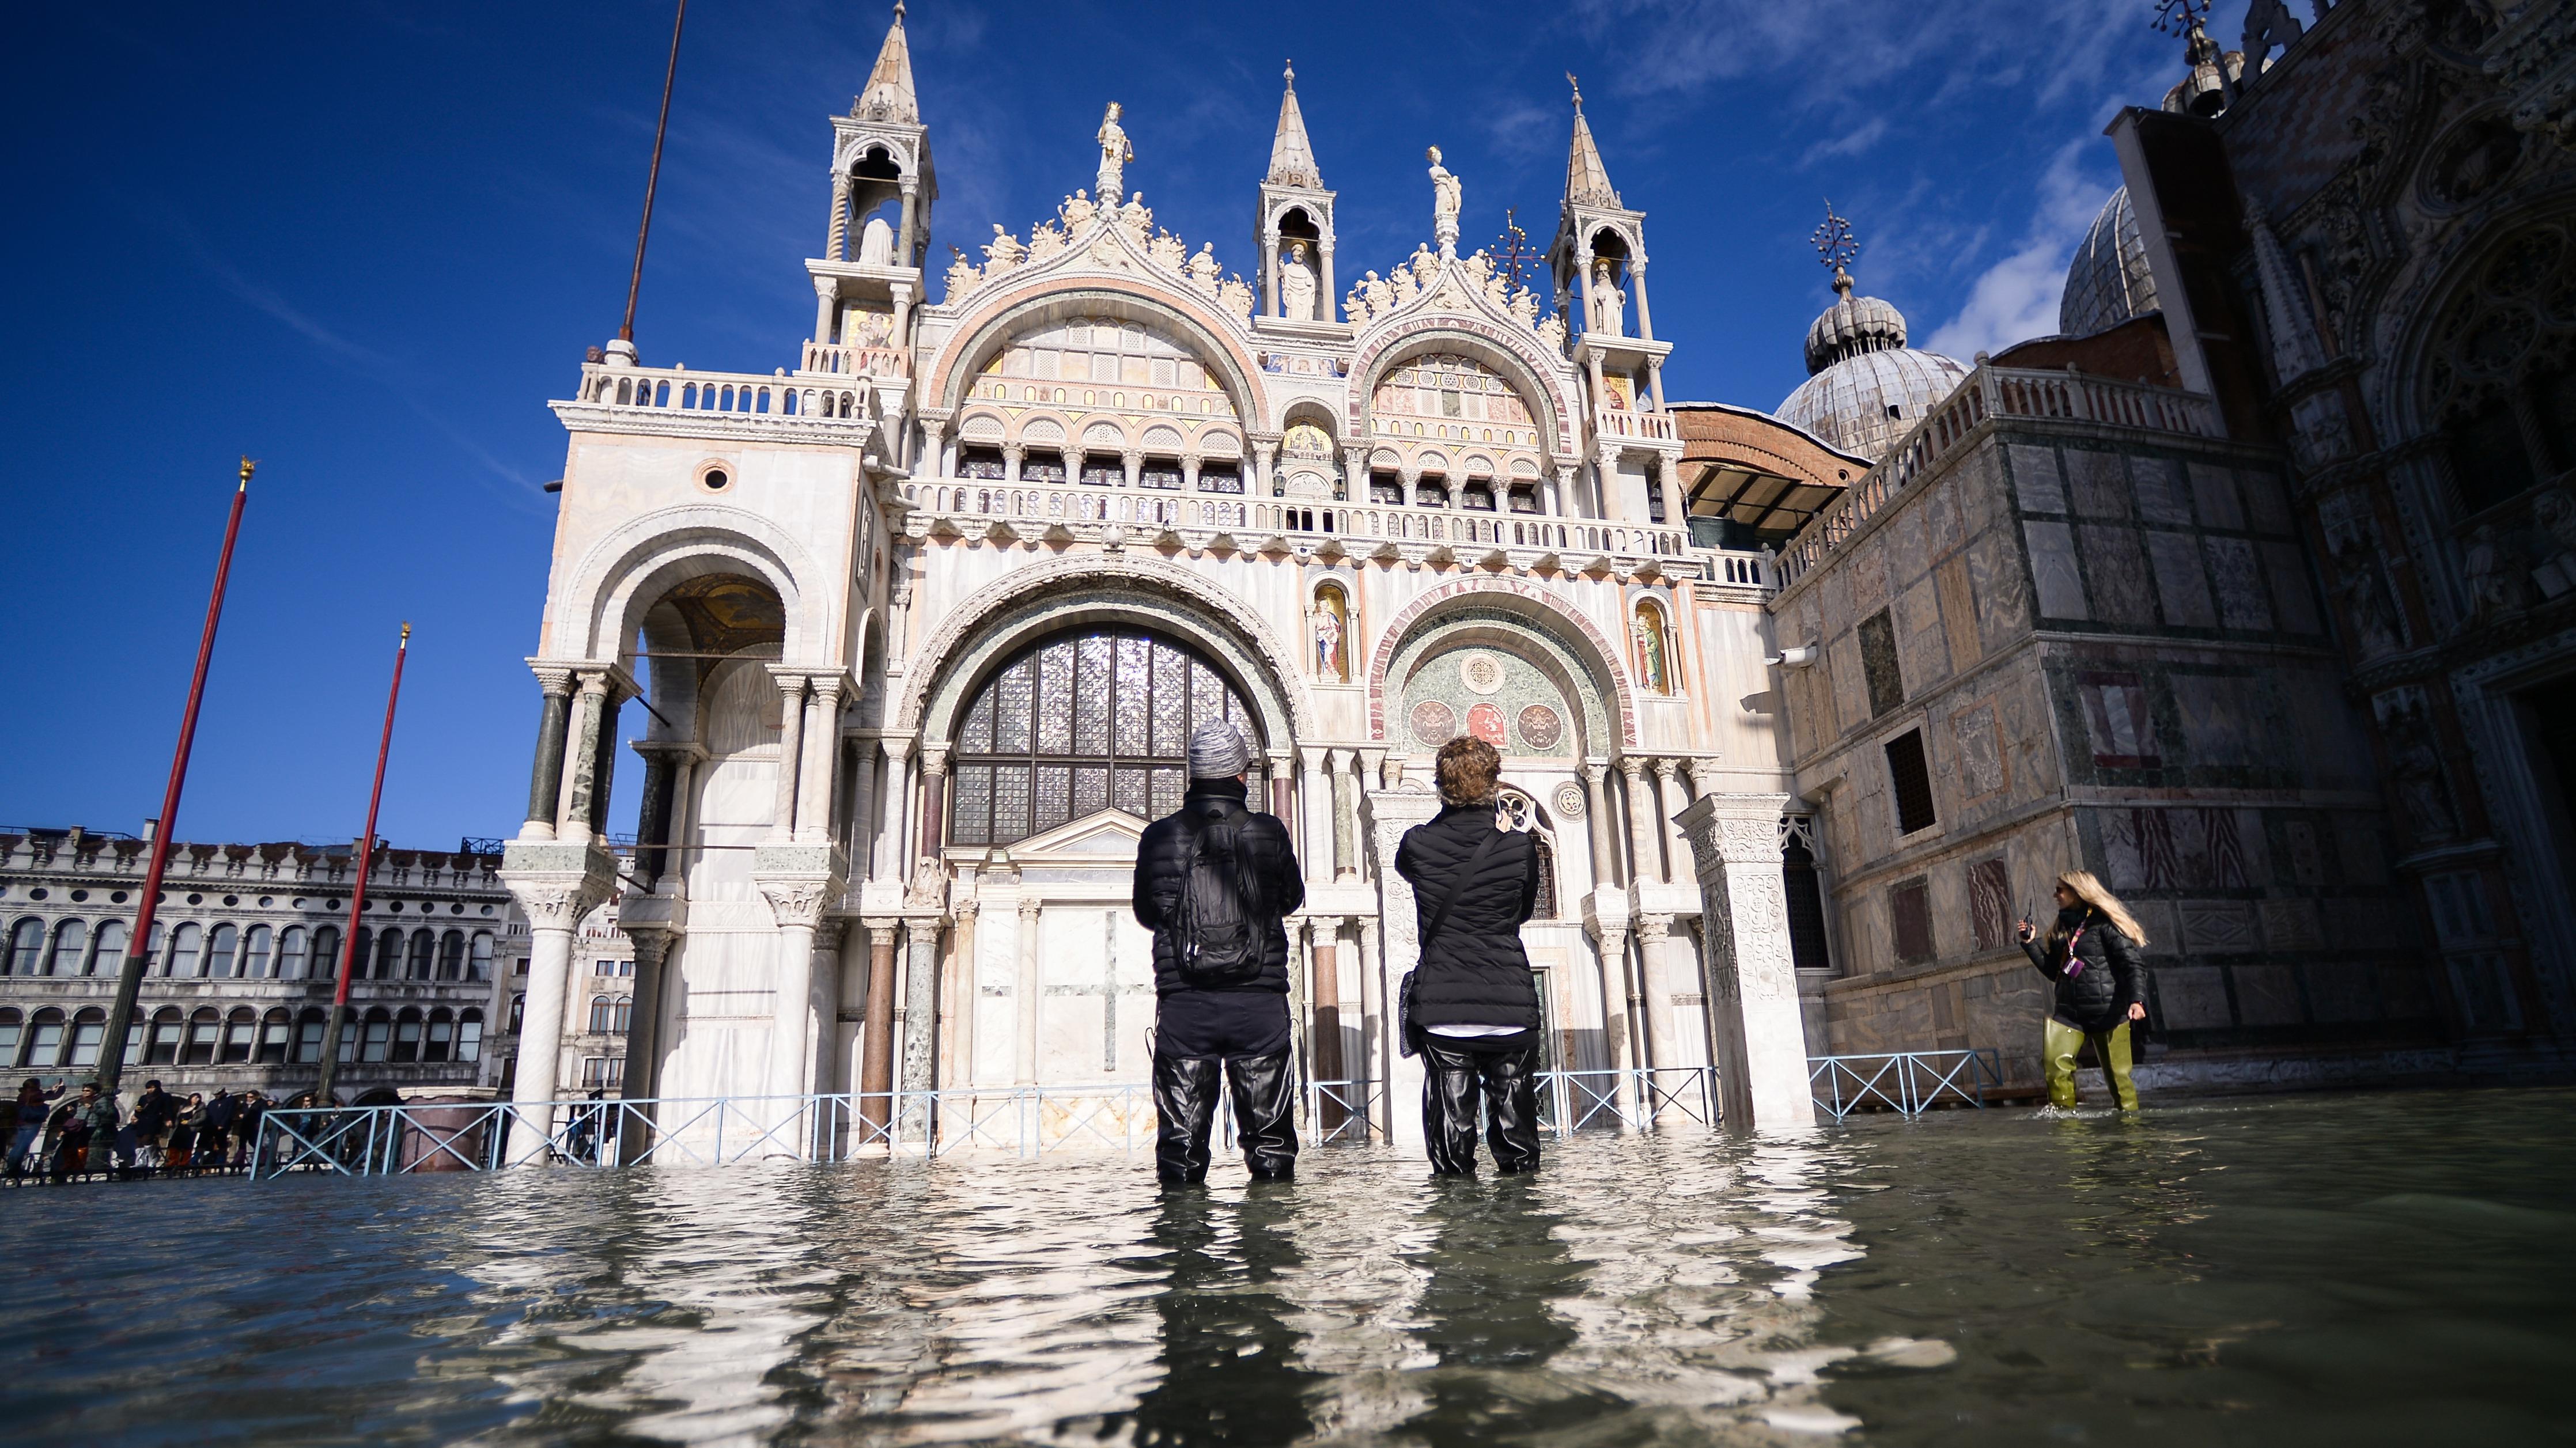 Lugares emblemáticos como la Basílica San Marcos en Venecia volvieron a inundarse y sus dorados mosaicos de estilo bizantino, mármoles, esculturas estuvieron en peligro.